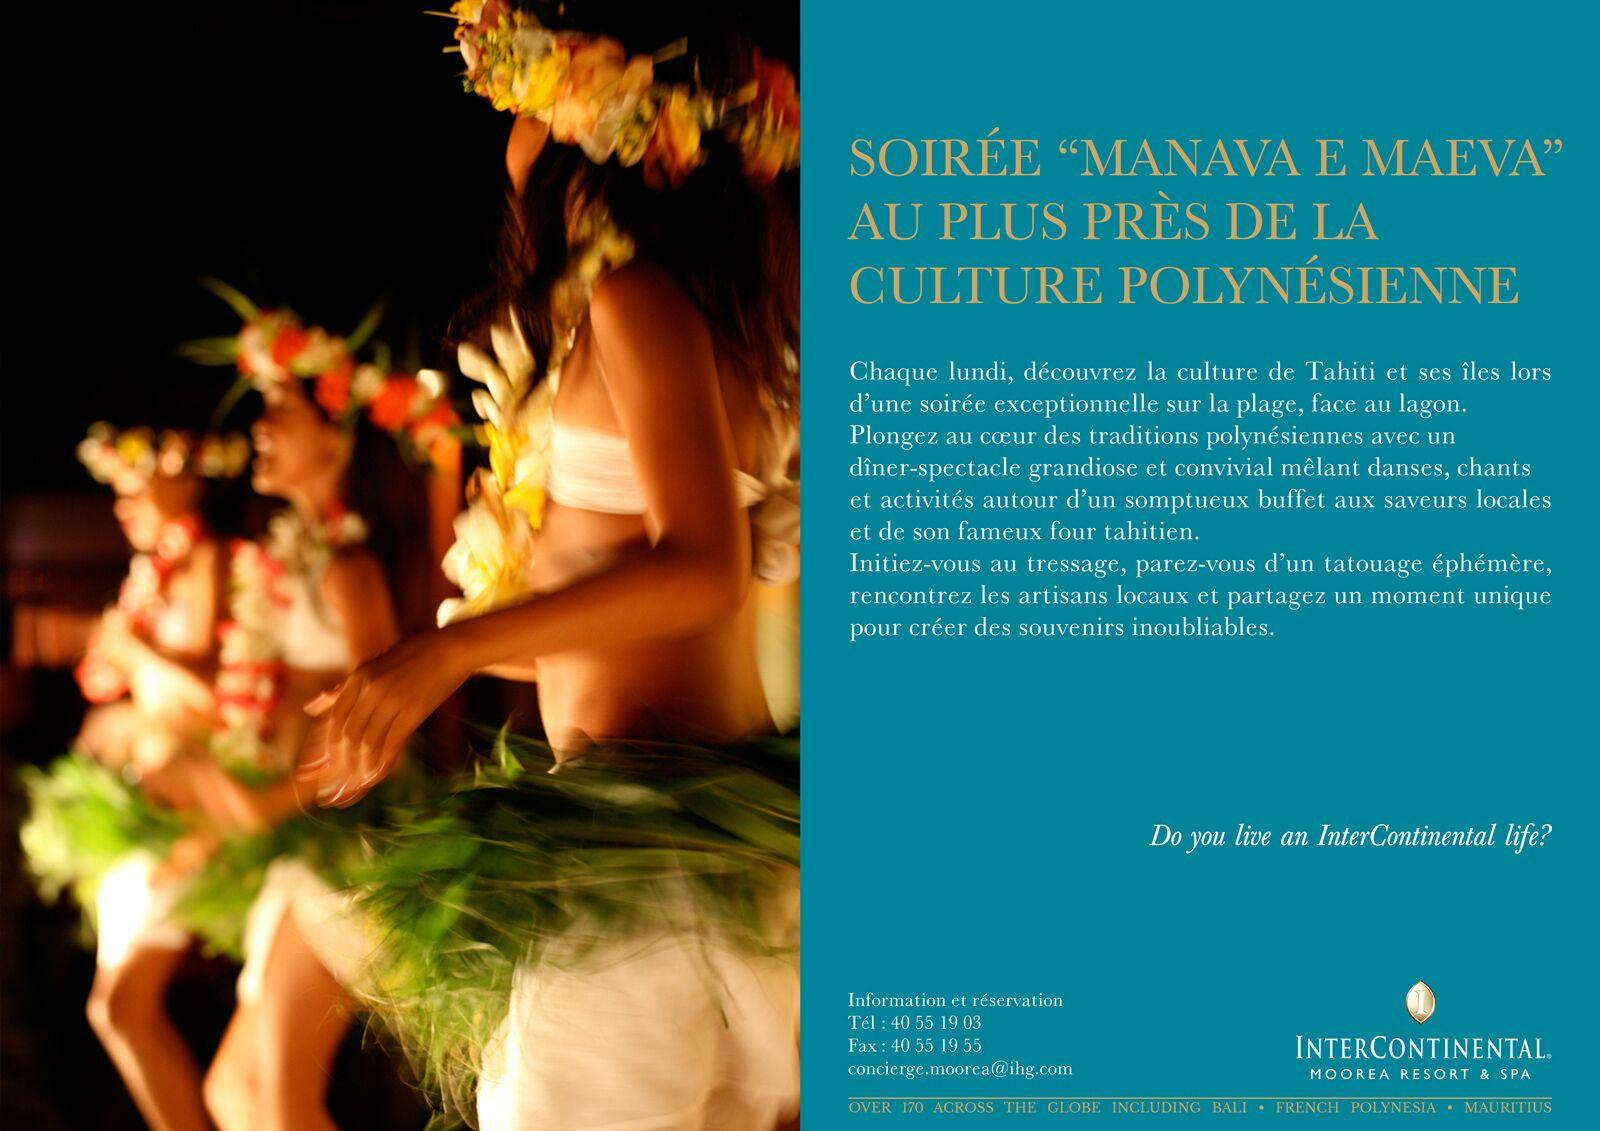 http://www.tahiti-infos.com/agenda/Soiree-Manava-e-Maeva_ae489237.html